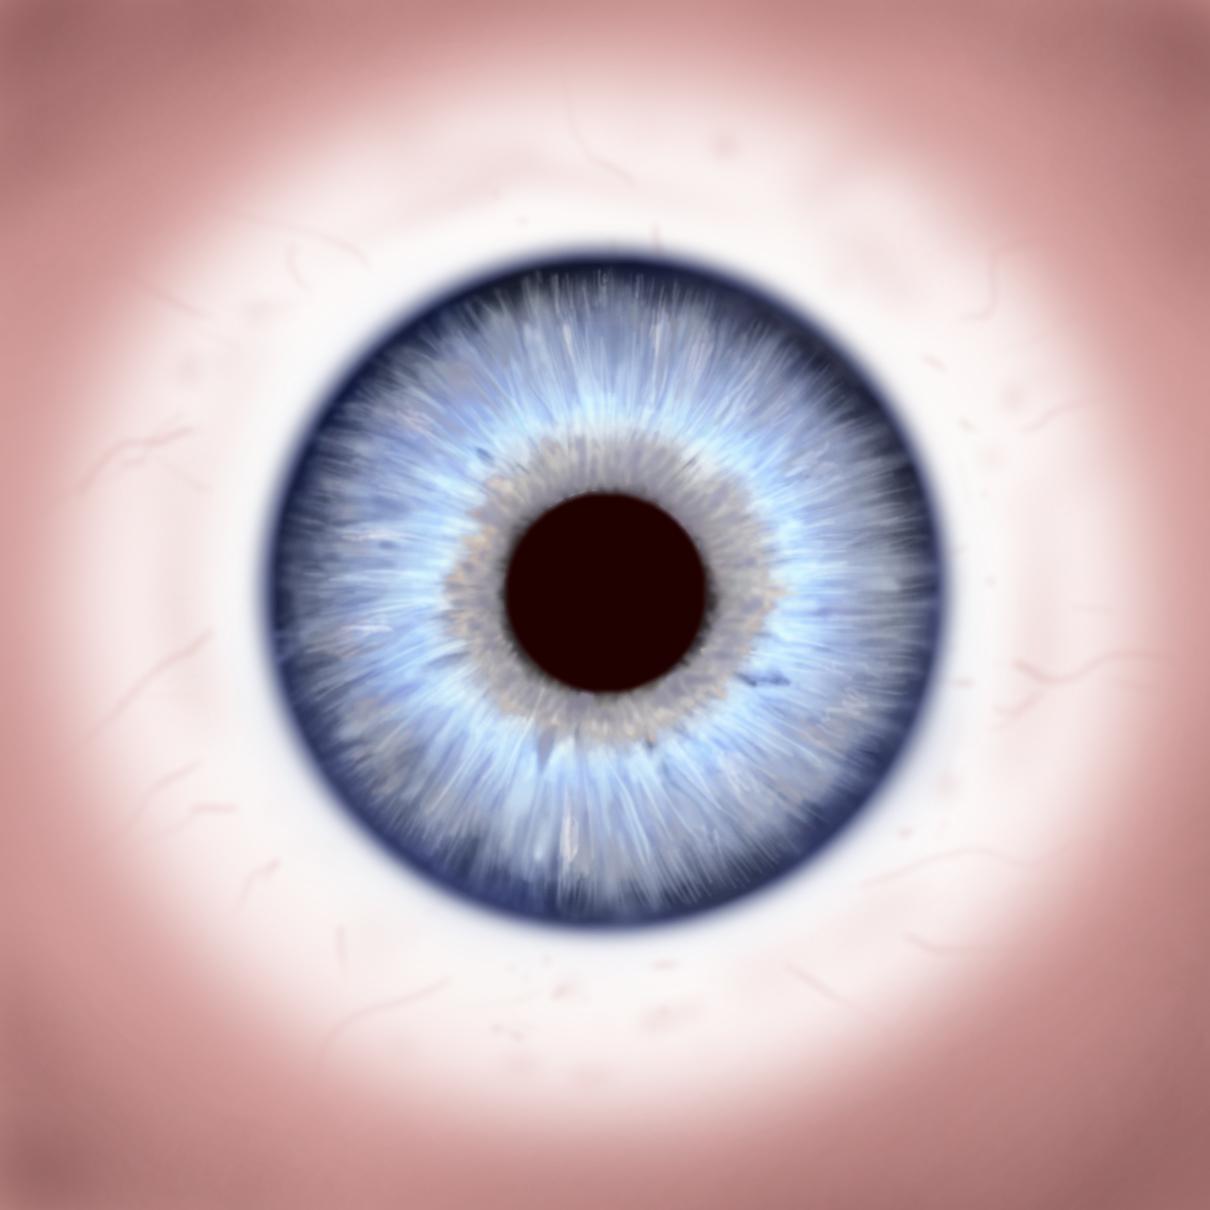 眼球贴图_cg眼球贴图